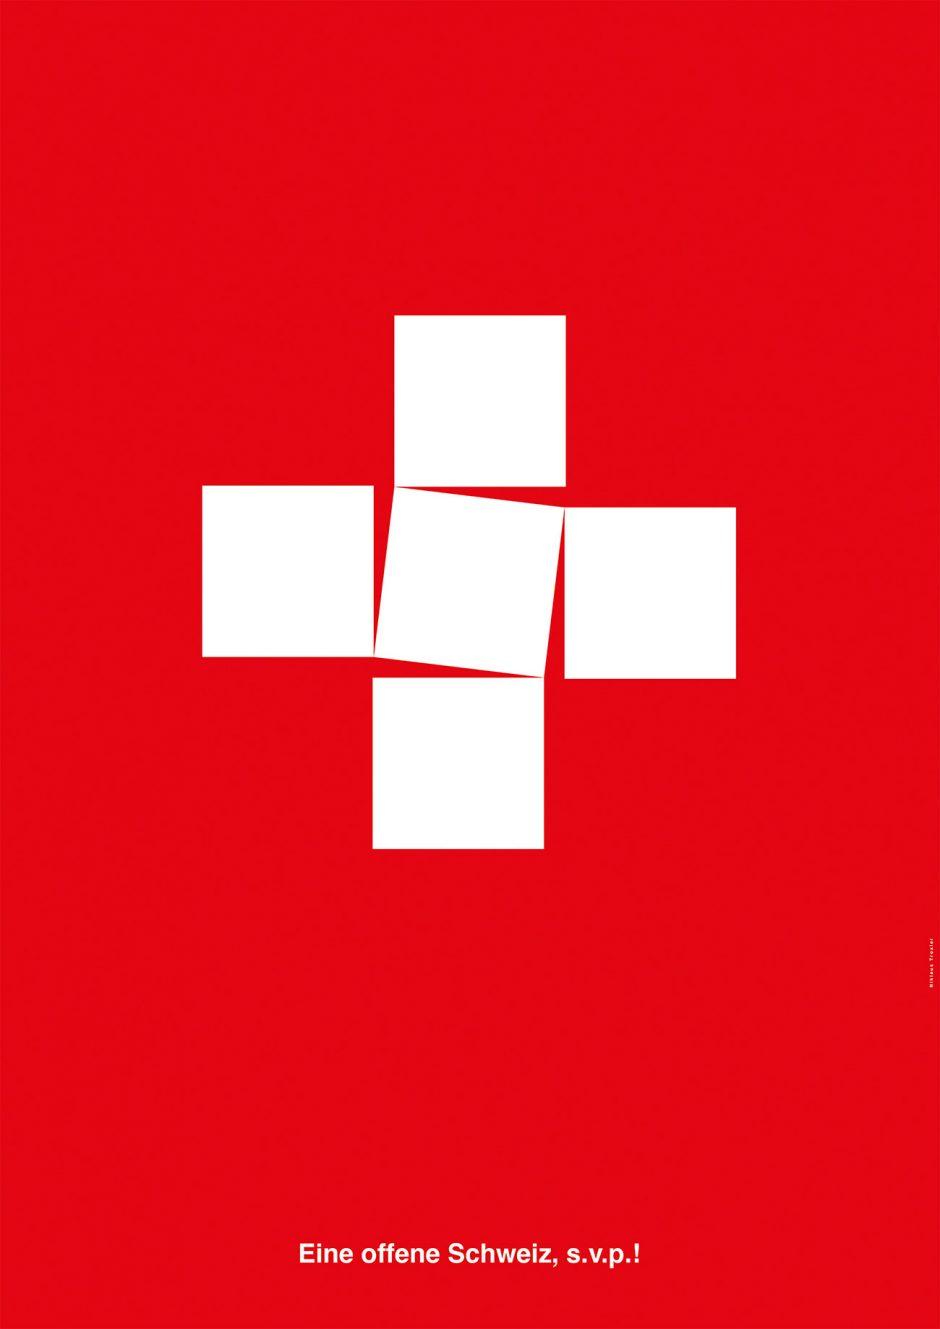 »Die Schweiz soll bitte ihre Grenzen für Flüchtlinge öffnen. In Kleinbuchstaben bedeutet»s.v.p.« (s'il-vous-plaît) auf Französisch»bitte«. (In der Schweiz allgemein verständlich). In Großbuchstaben»SVP« ist es die rechtspopulistische Schweizer Volkspartei, die sich vehement gegen eine Zuwanderung stellt.«